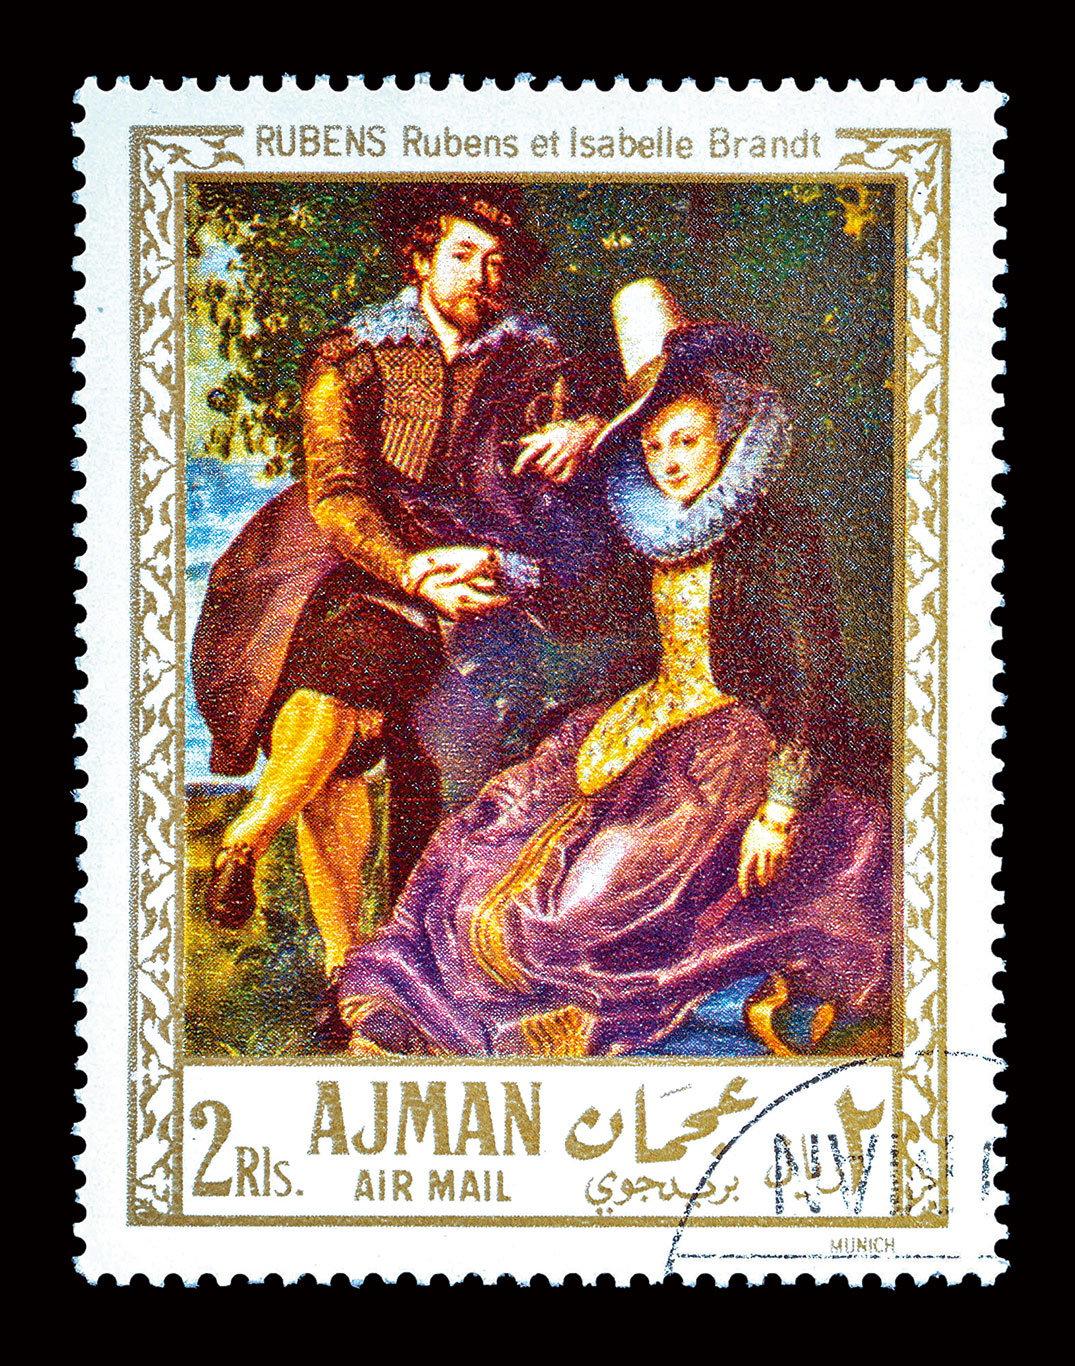 魯本斯是位熱情澎湃、豐富多產的畫家,郵票中的圖畫,是他在1609年為結婚而做的作品:《畫家與妻子》,油畫,178x136.5cm,現藏於德國慕尼黑舊美術館(Alte Pinakothek)。